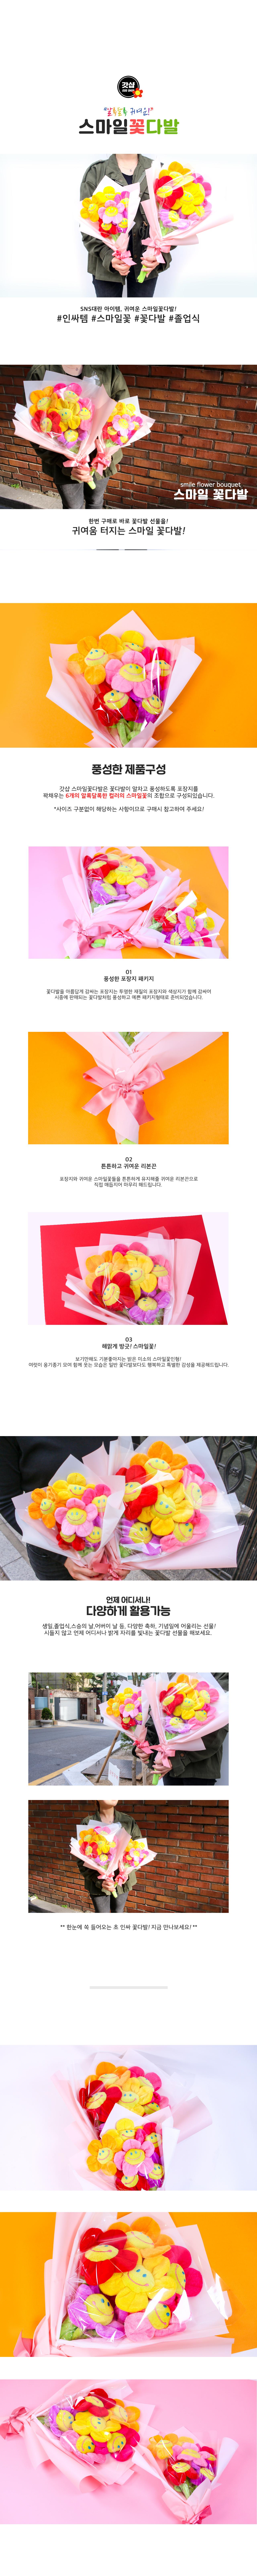 스마일 꽃 인형 꽃다발 45cm - 갓샵, 25,500원, 장식소품, 기타 소품